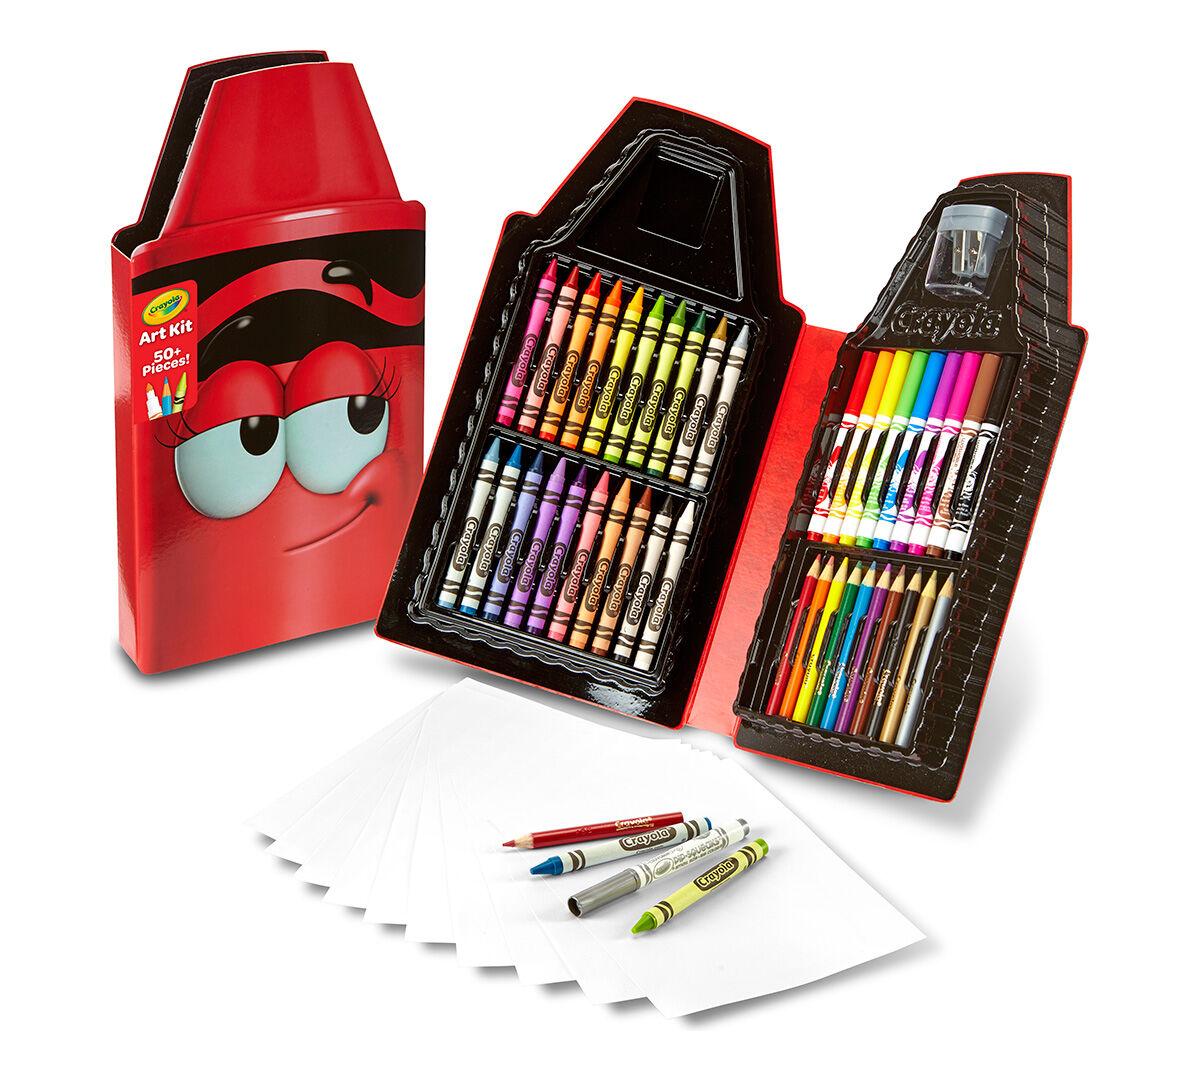 Tip Art Kit, Scarlet